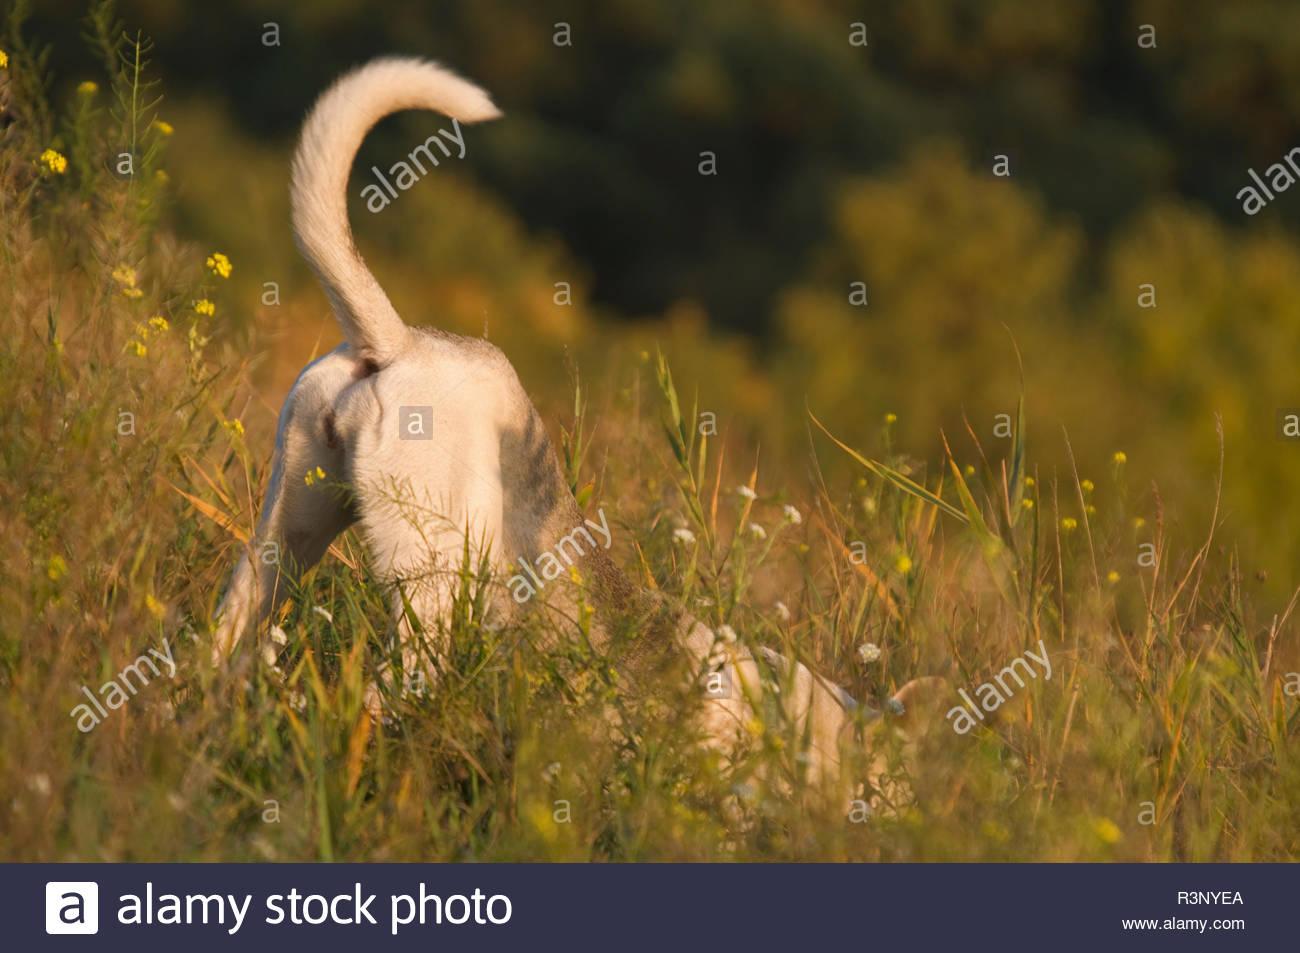 Hund auf der Jagd - Stock Image